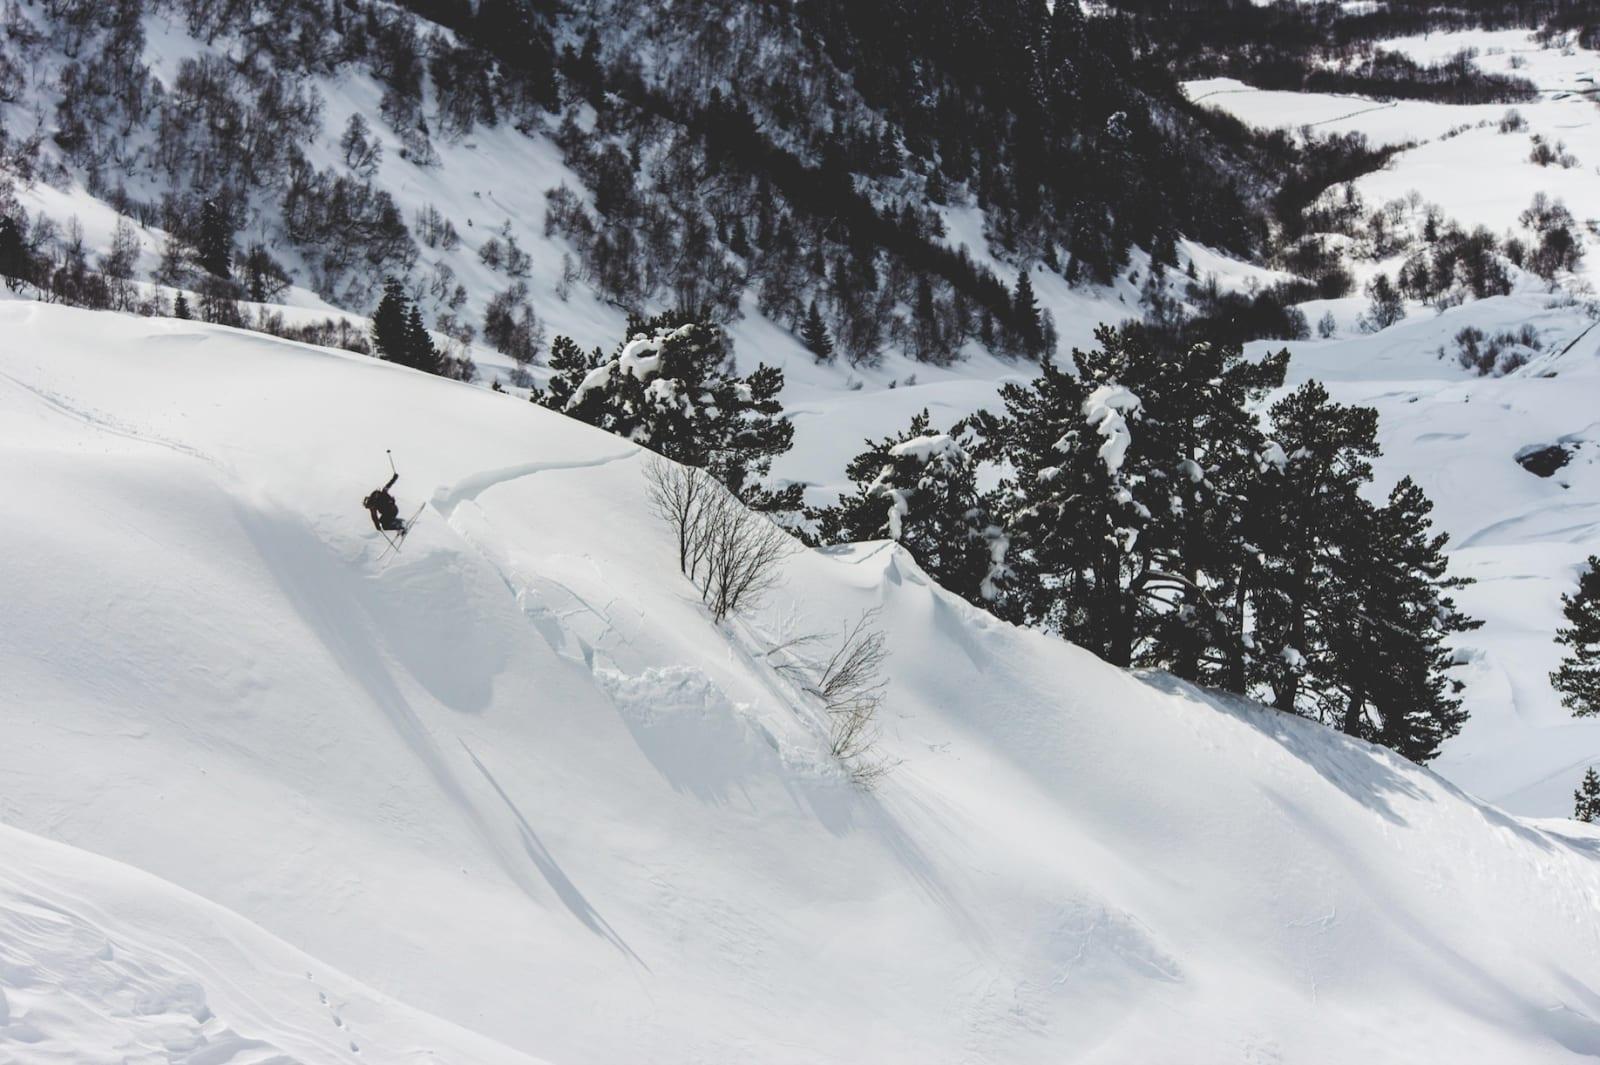 SNØDEKTE LIER: Terrenget i Georgia er som laga for skikøyring med mykje glissen skog som gir god og sikker køyring ved ustabile snøforhold.